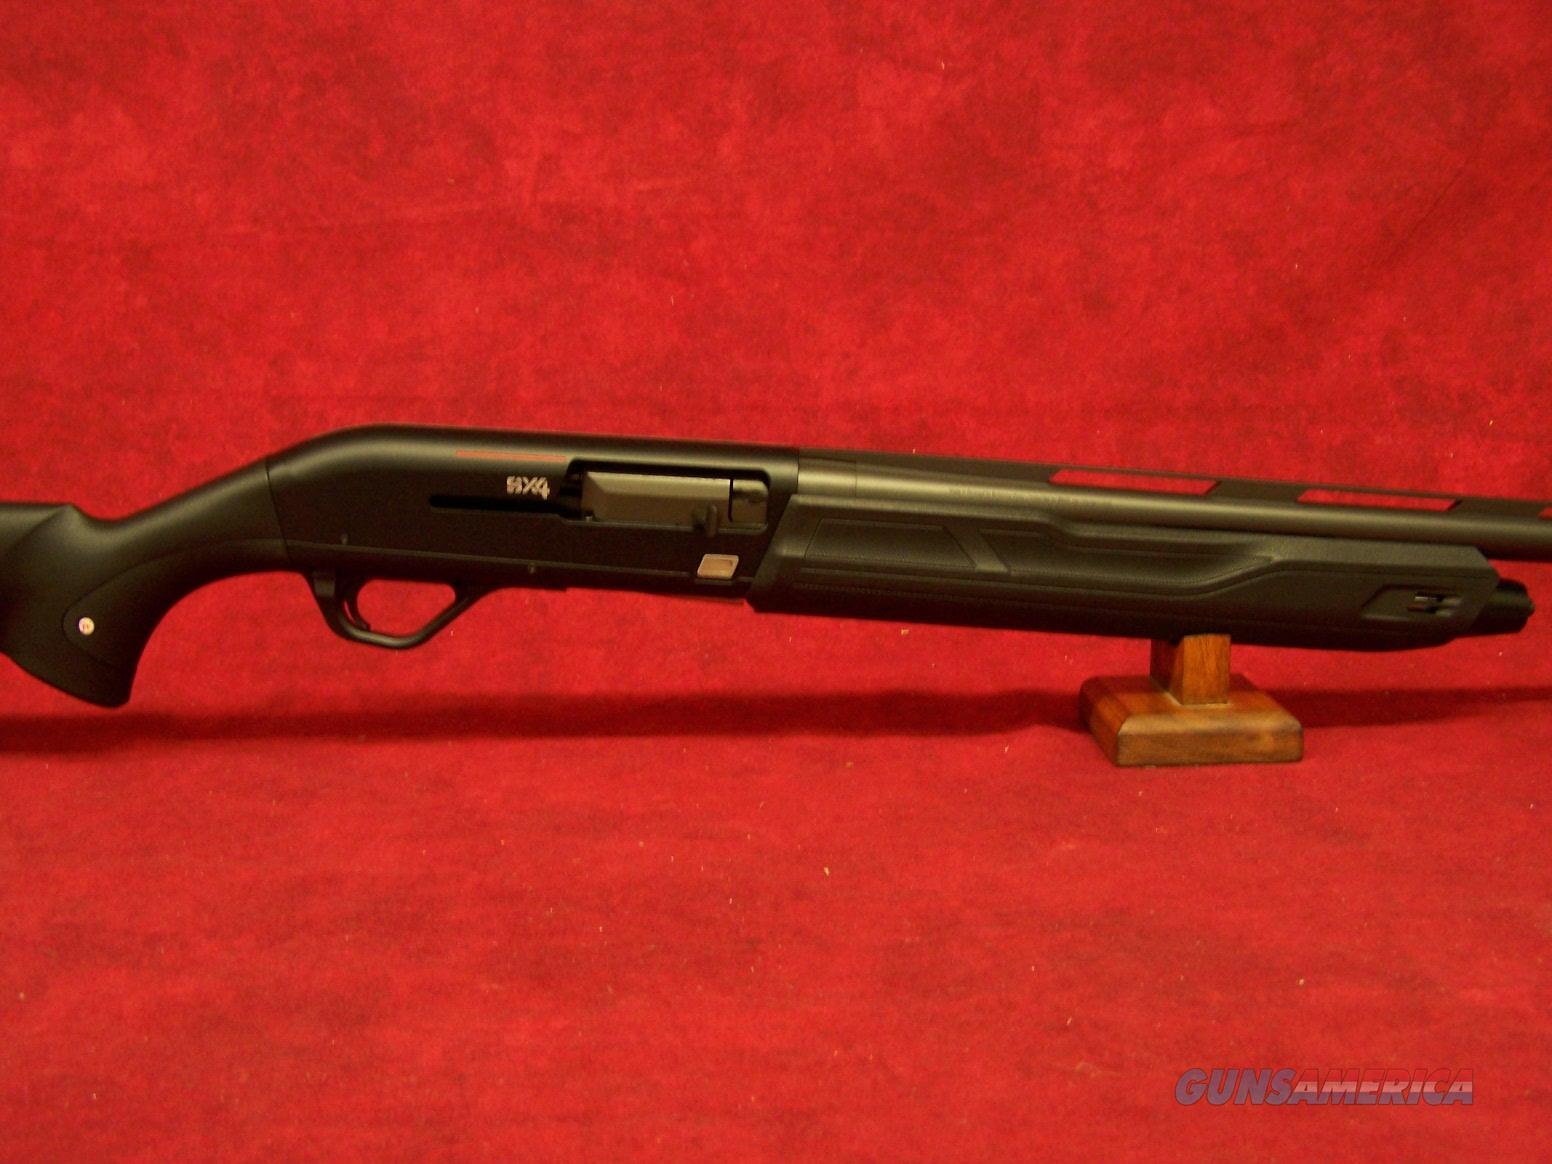 Winchester SX4 12ga 3